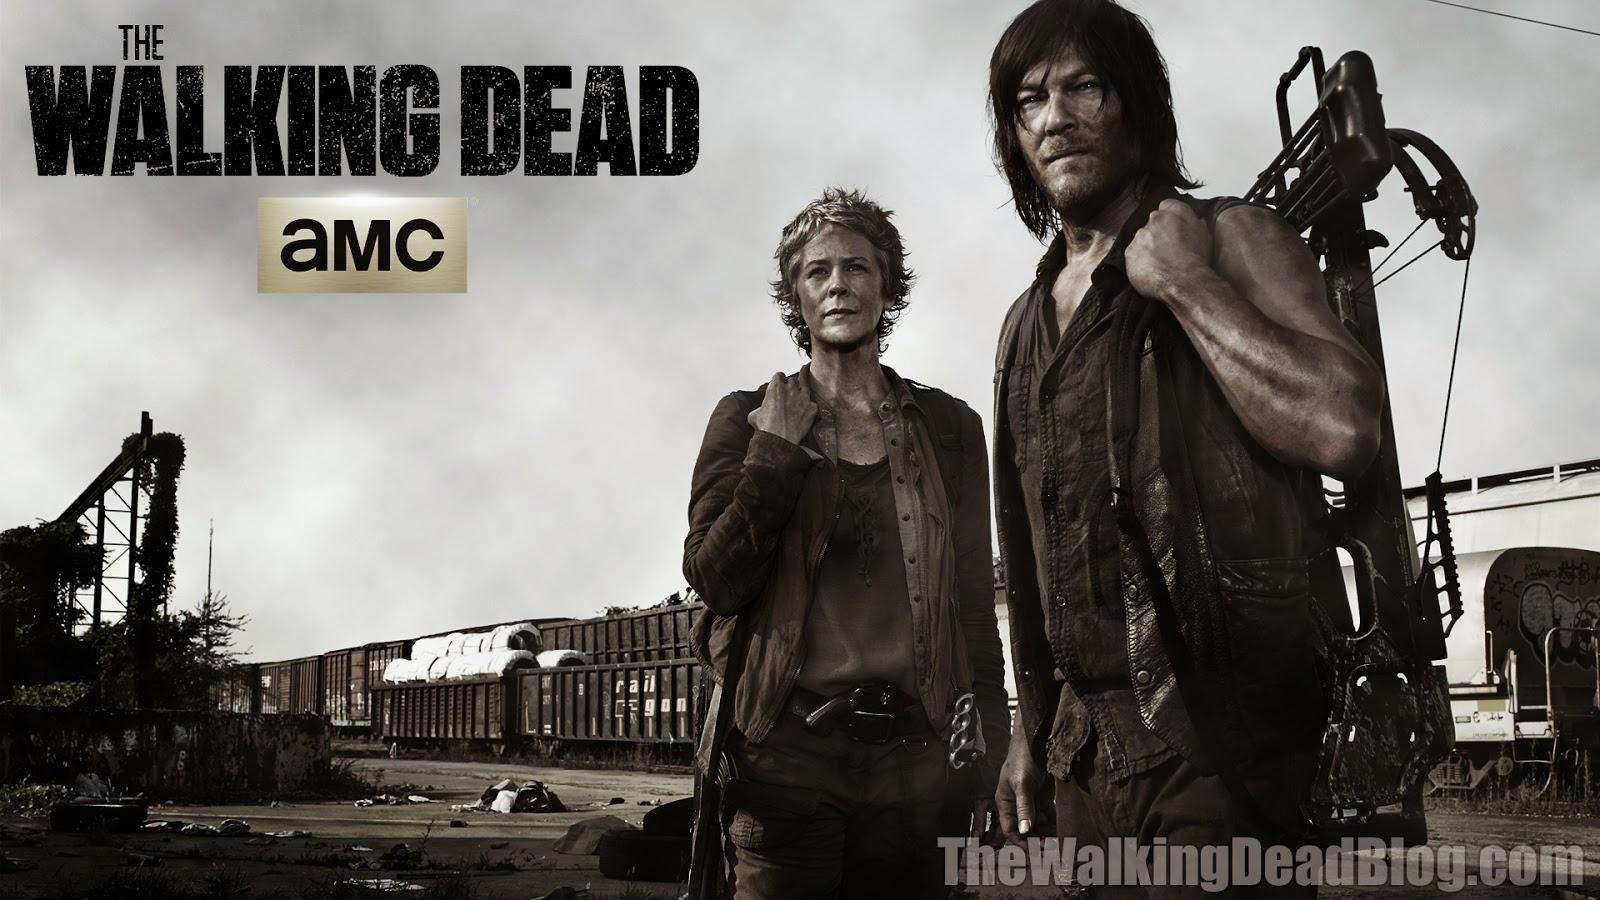 Walking Dead Daryl Season 5 32598 Hd Wallpaper Backgrounds